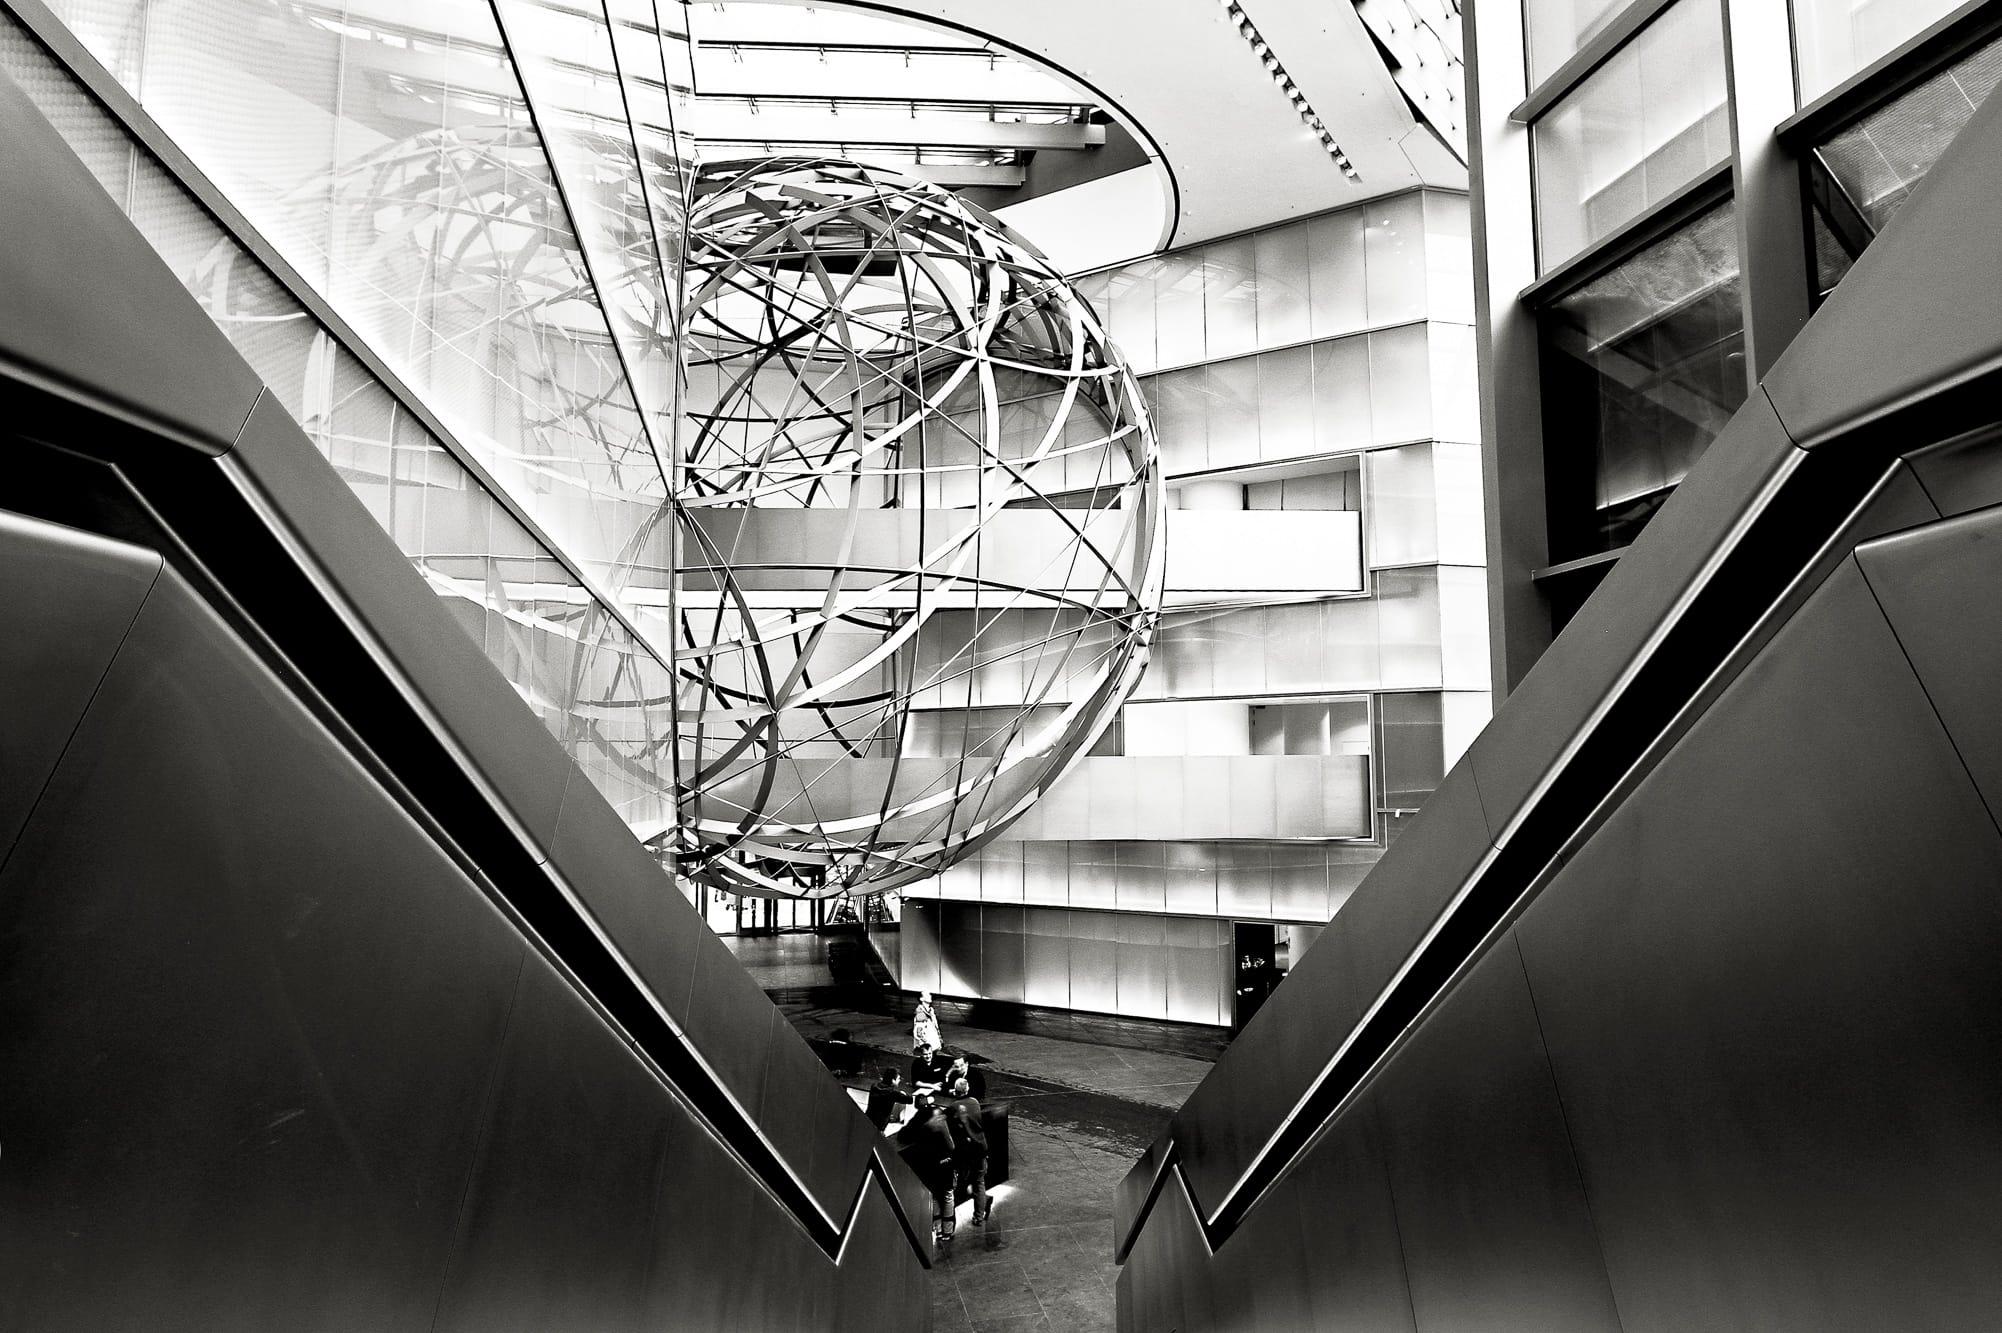 Architektur frankfurt deutsche bank querformat for Frankfurt architektur